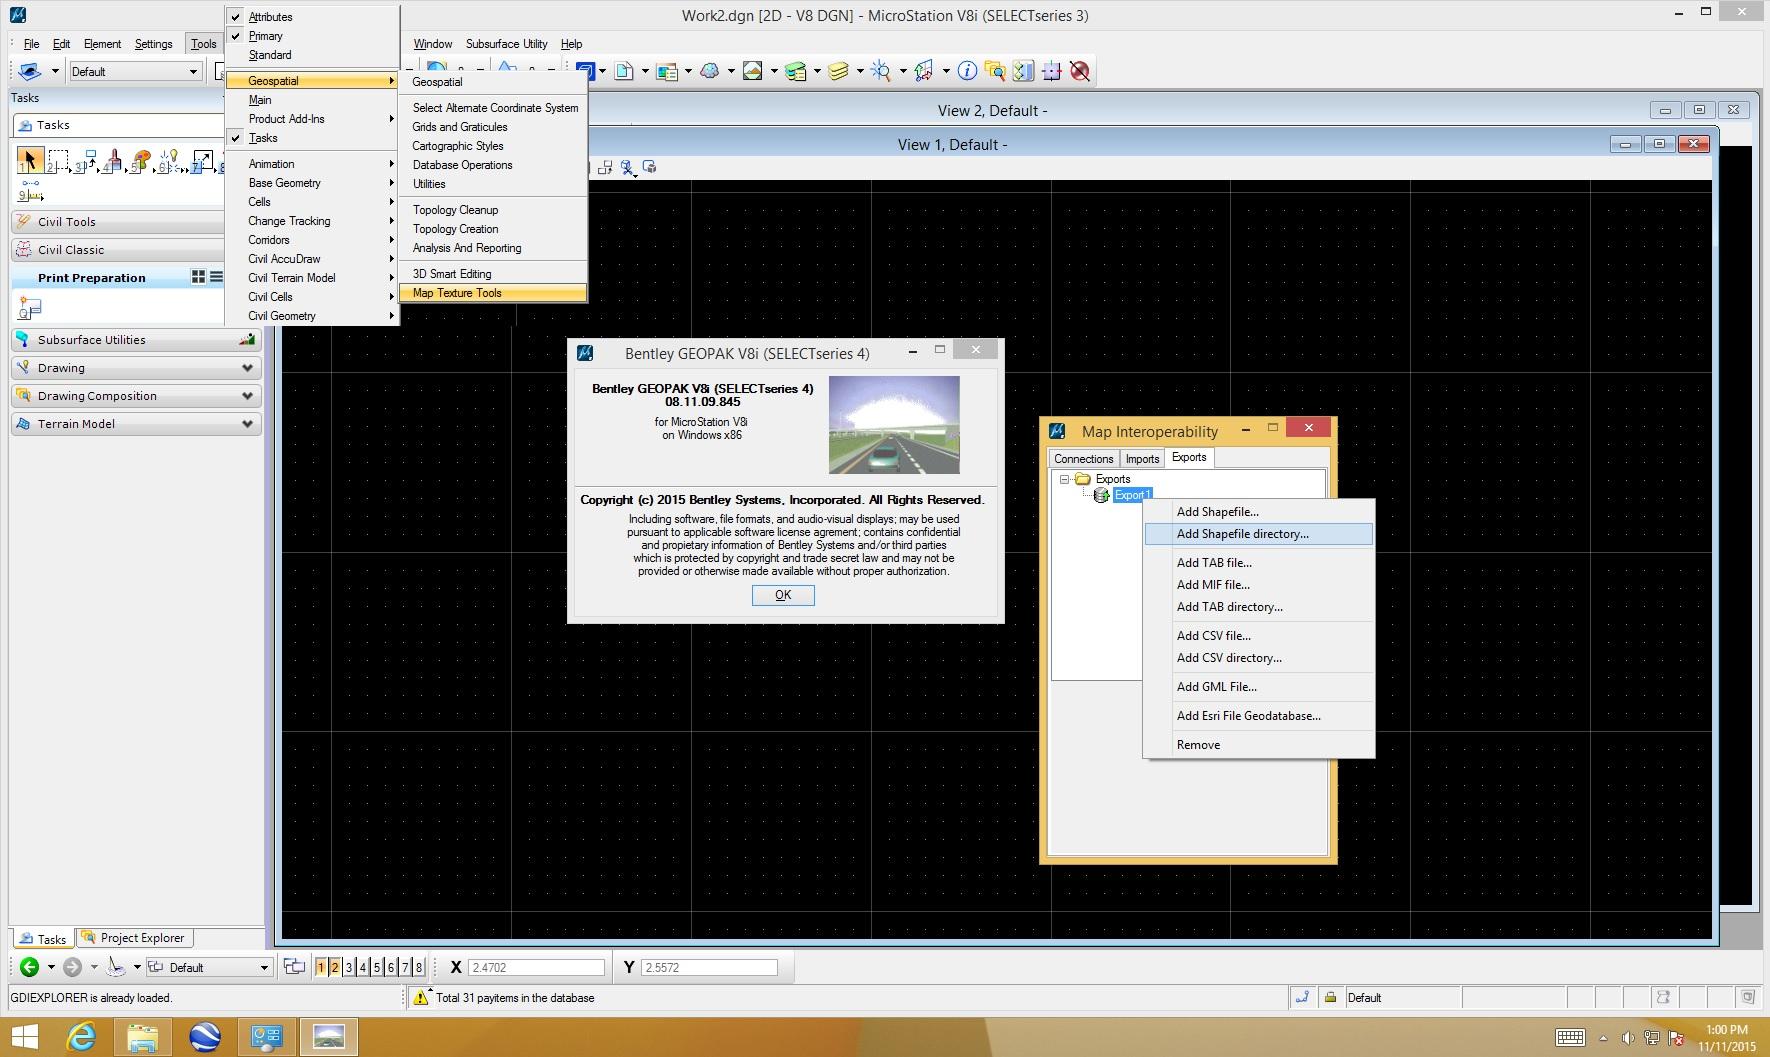 ⚡ Download microstation v8i selectseries 3 crack